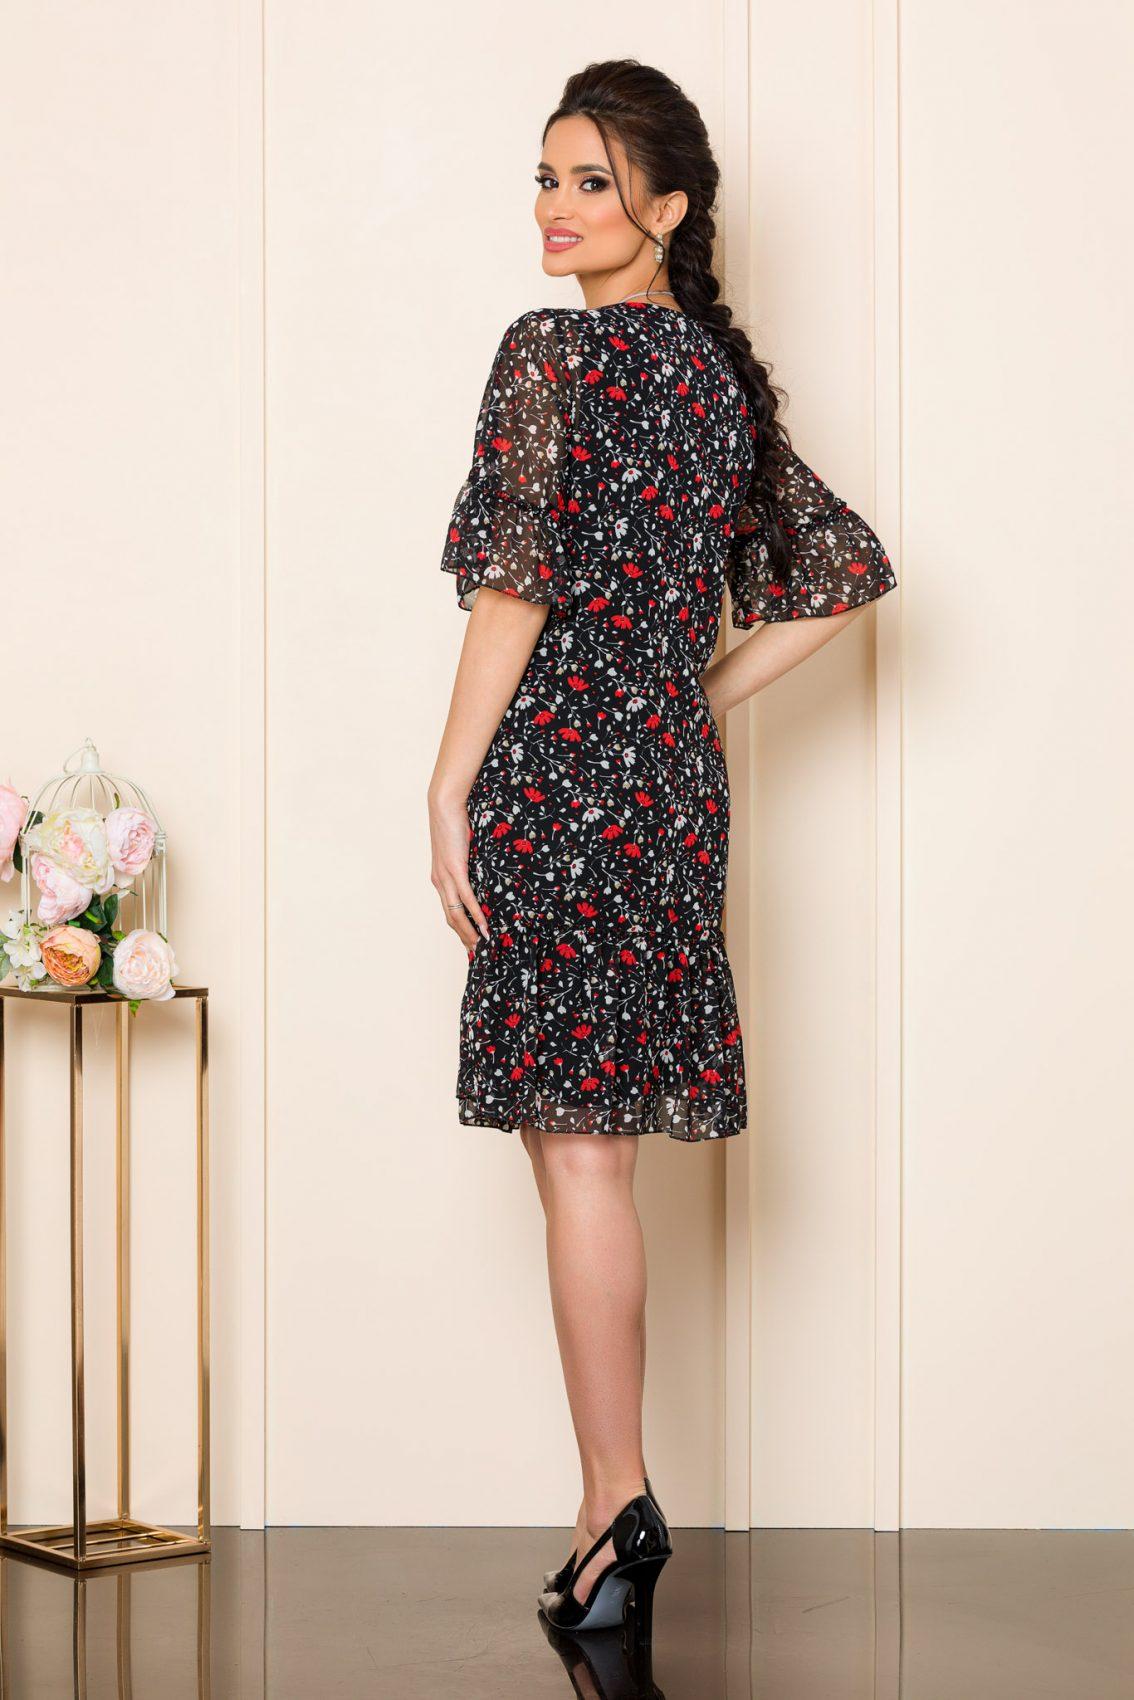 Μαύρο Φόρεμα Με Λουλούδια Ika 9840 2